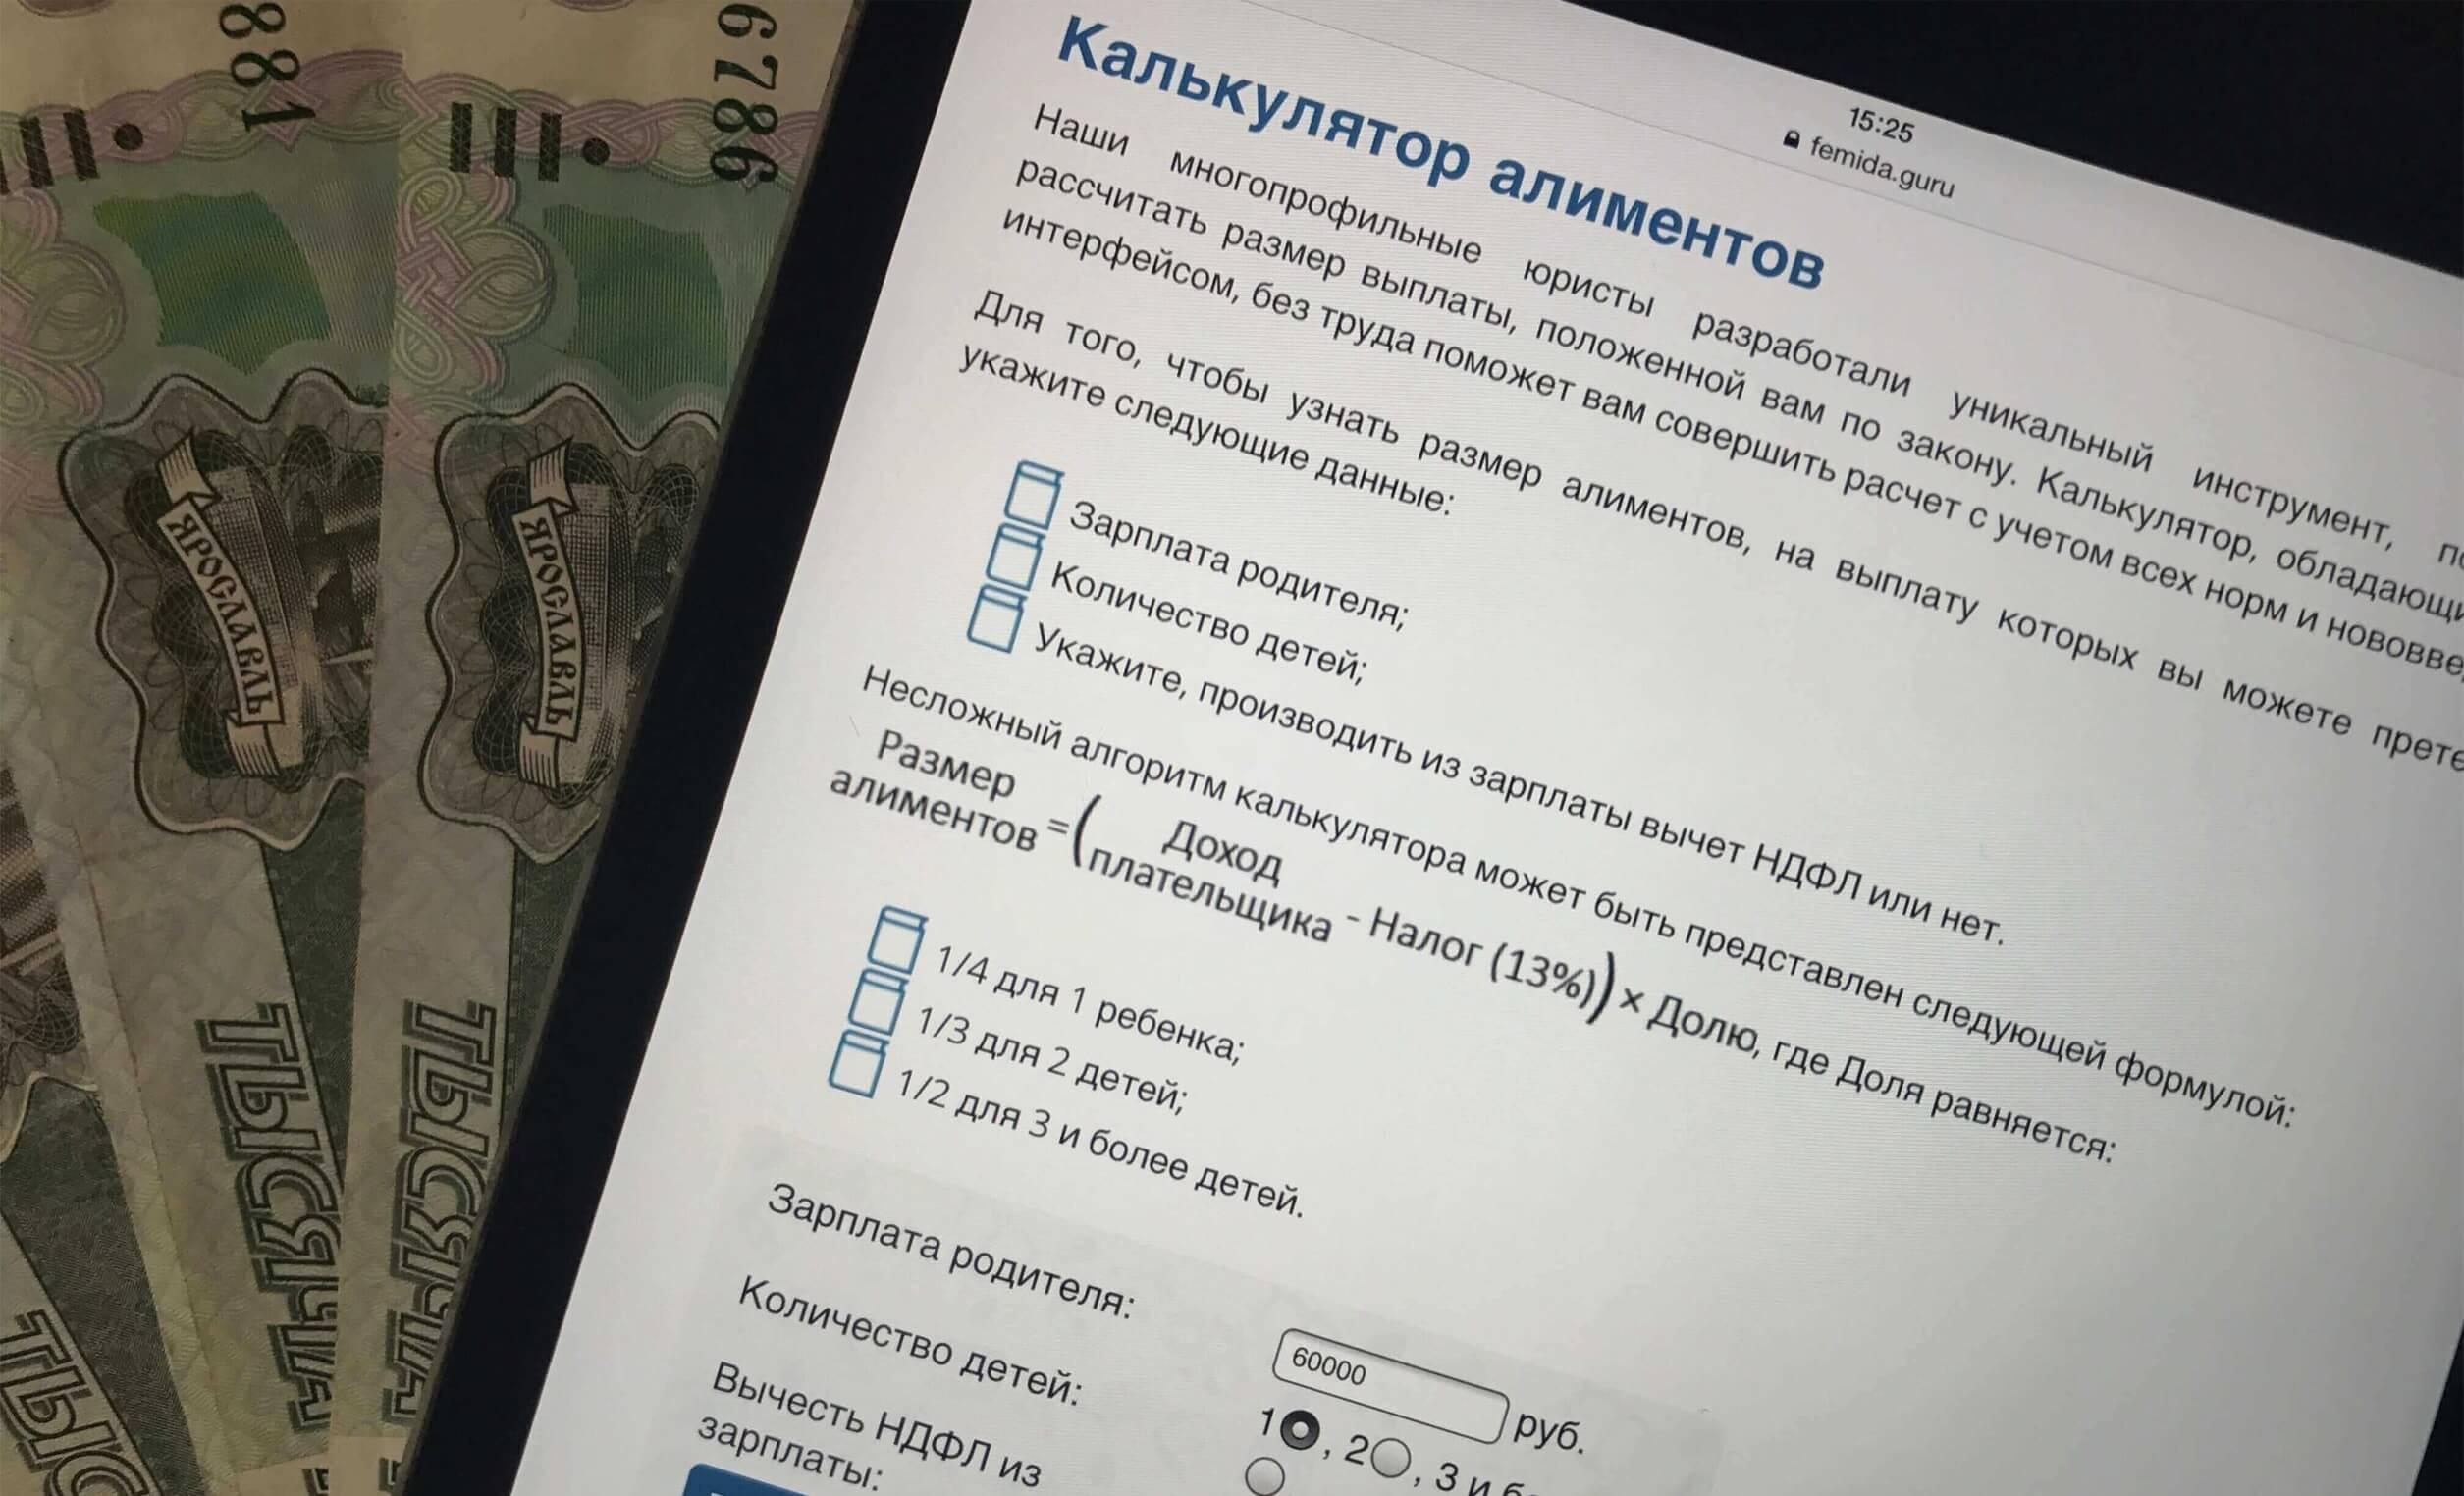 Калькулятор алиментов онлайн для безработного